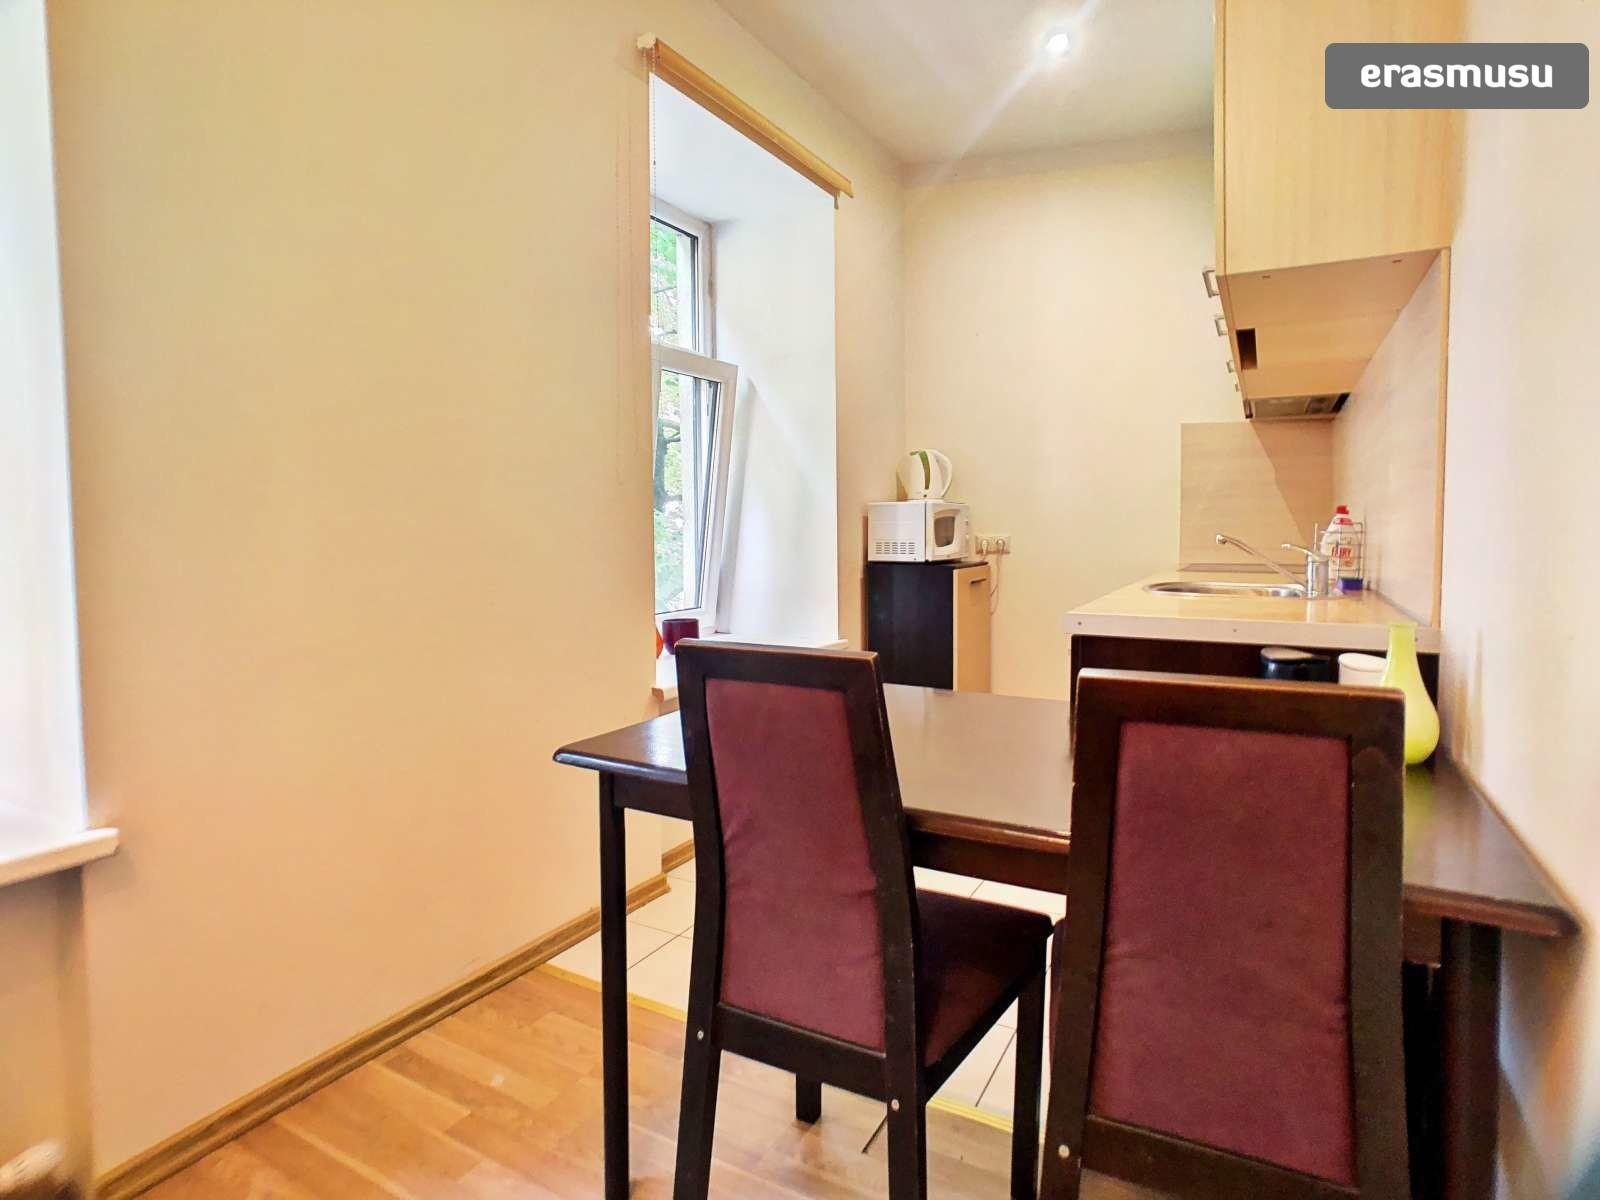 bright-1-bedroom-apartment-rent-maskavas-forstate-fde9cc16a5635d